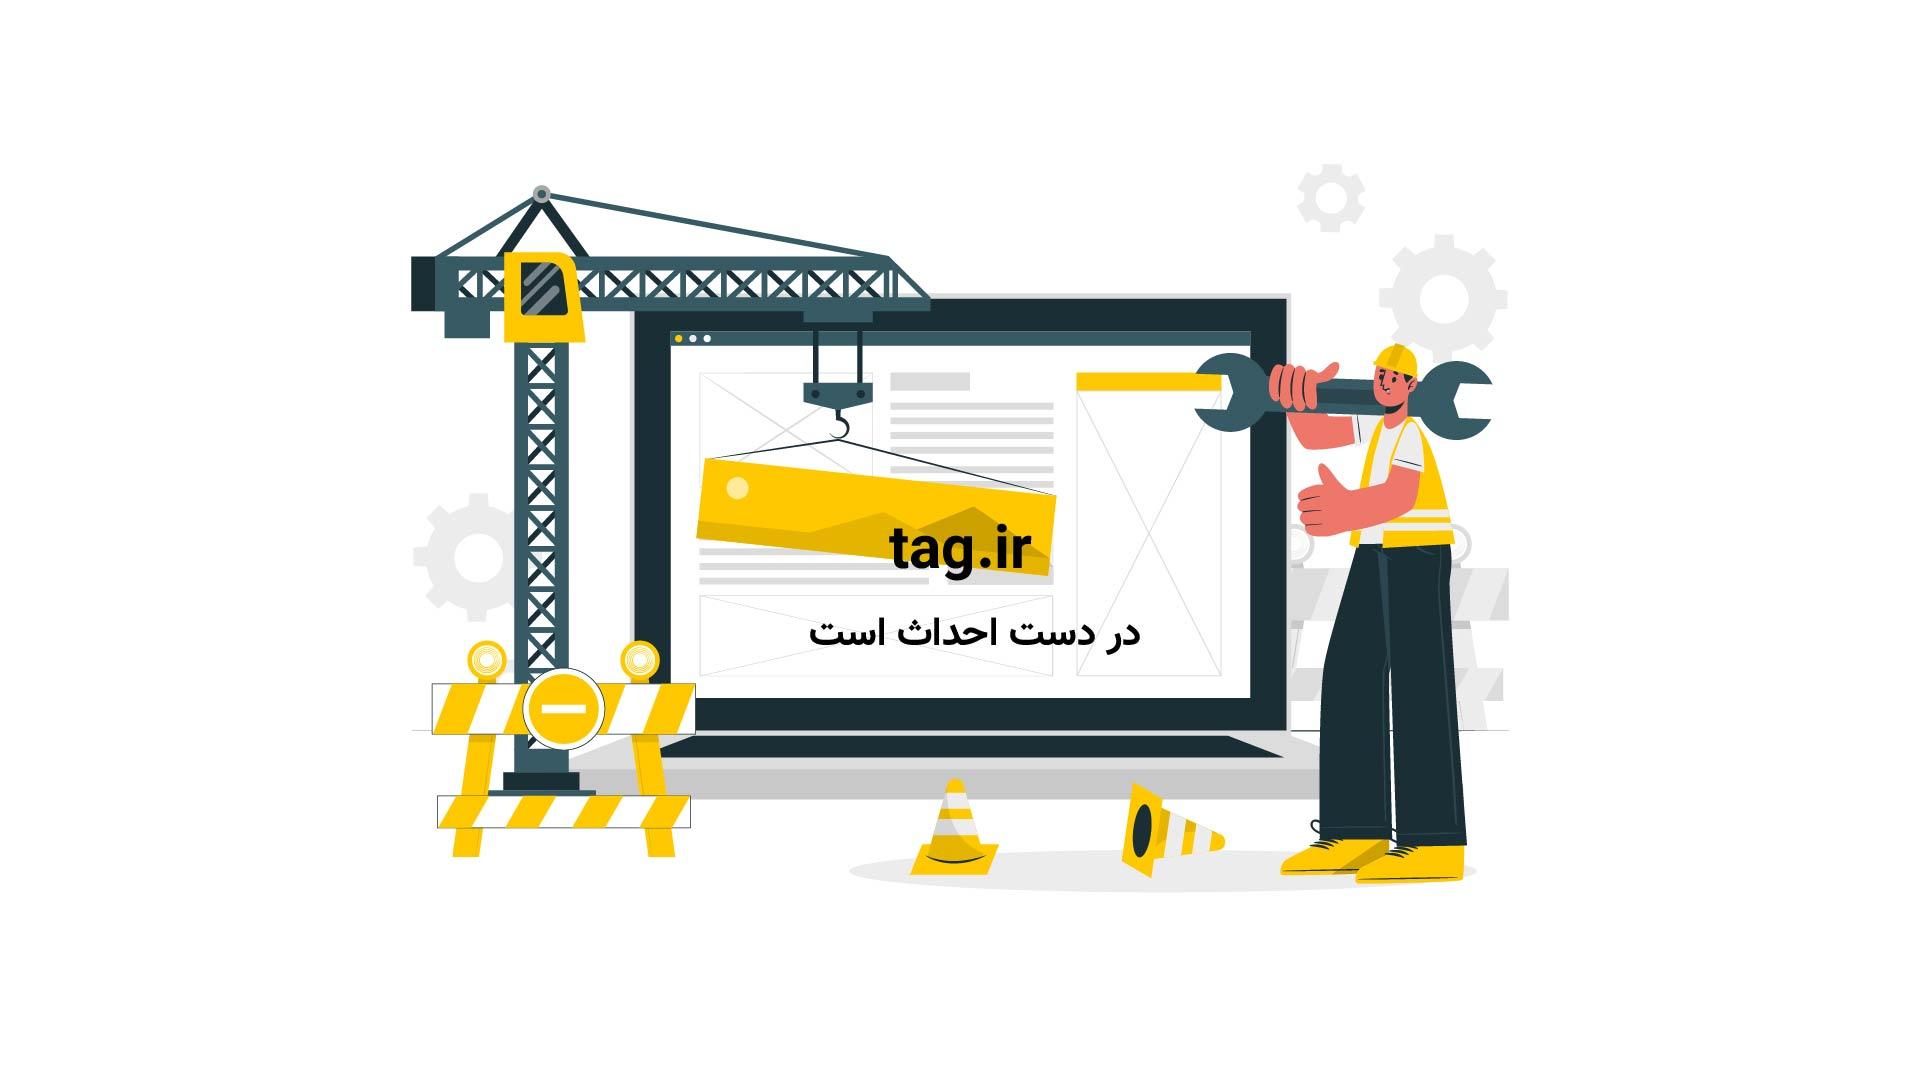 عبور از روی آب با موتورسیکلت | تگ